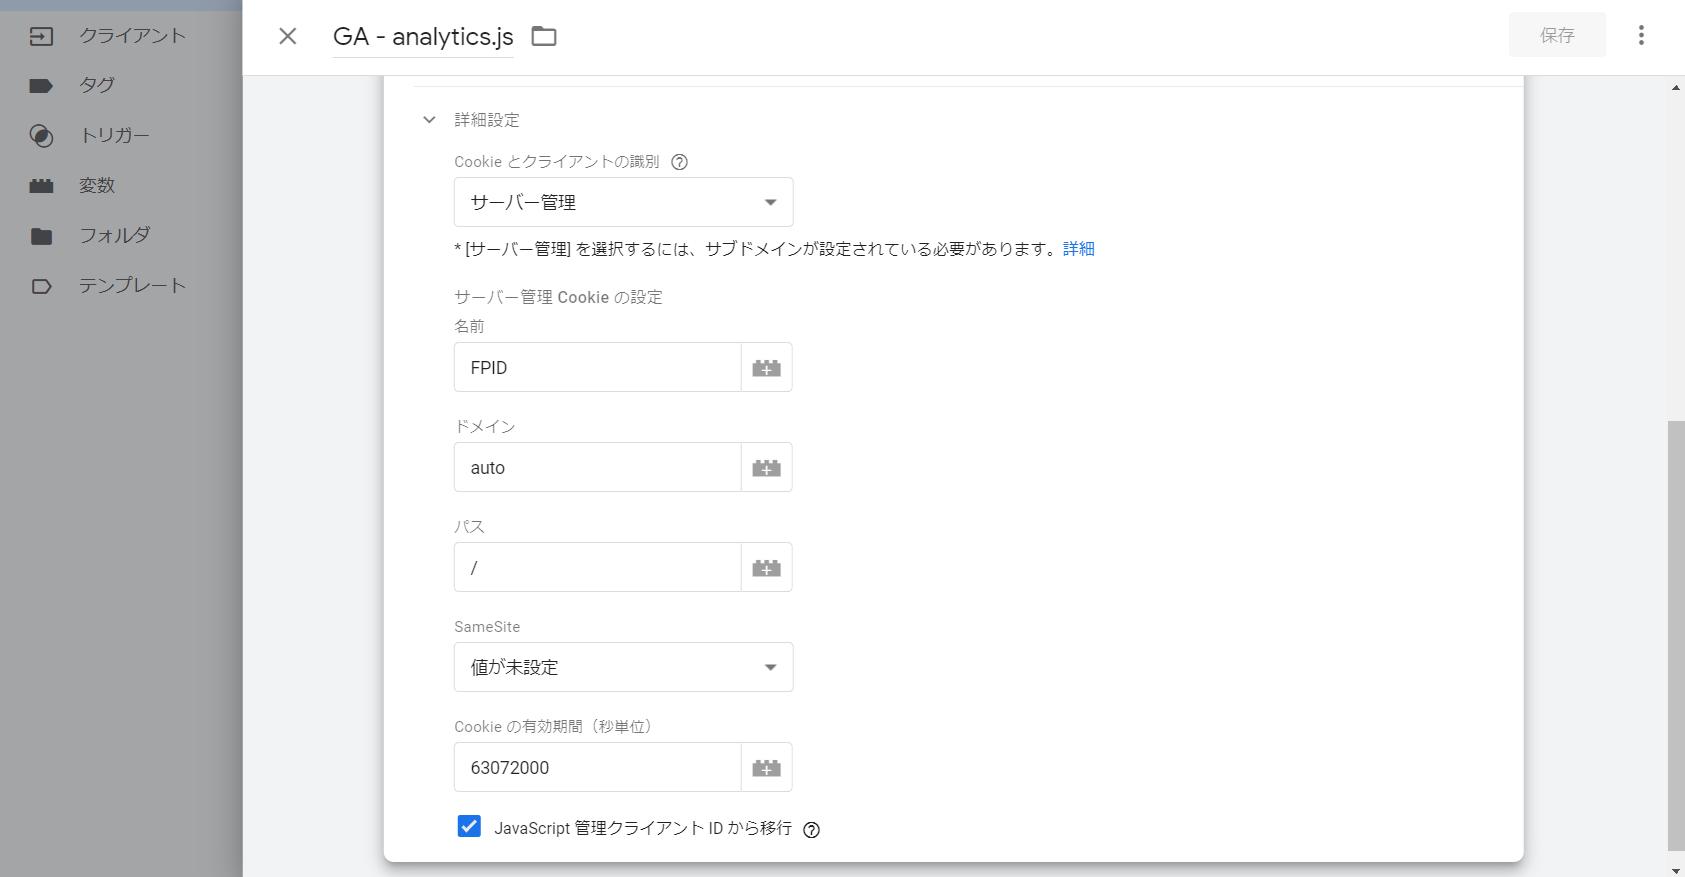 GAクライアントの詳細設定から「Cookieとクライアントの識別」オプションを設定可能